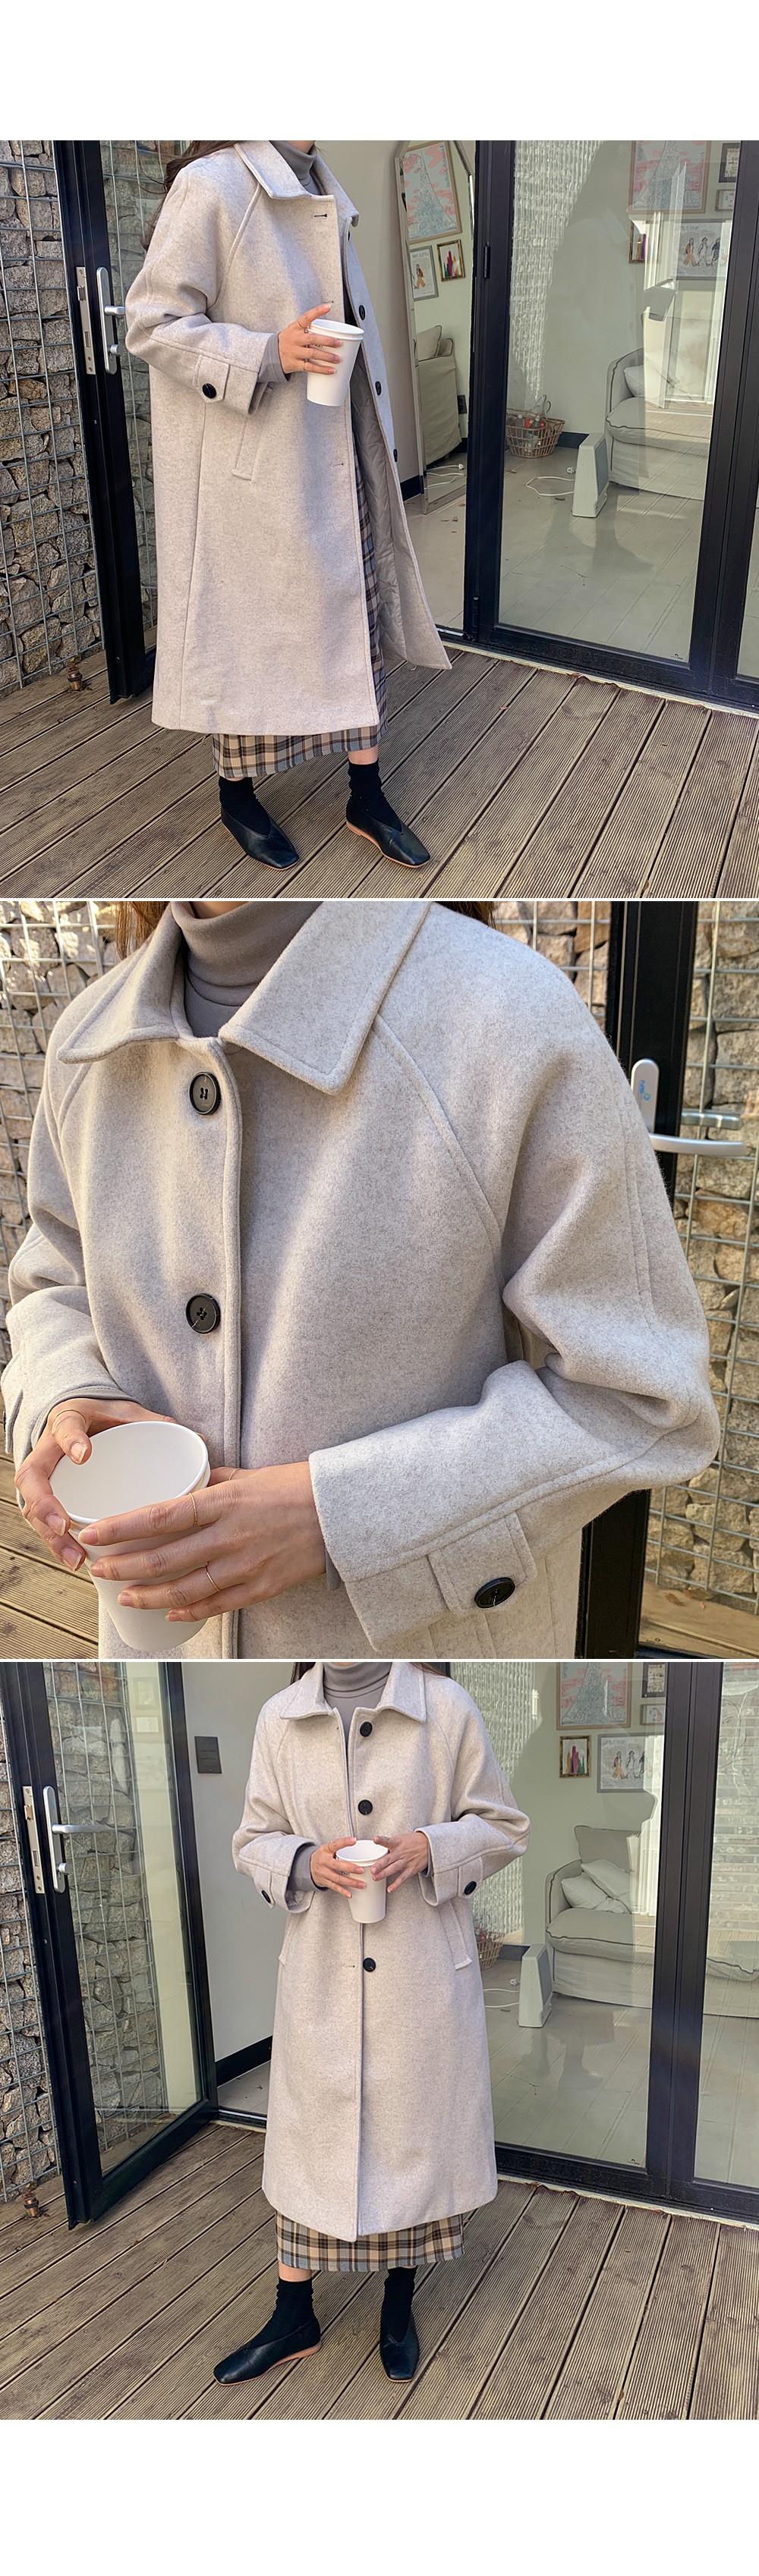 accessories model image-S1L13